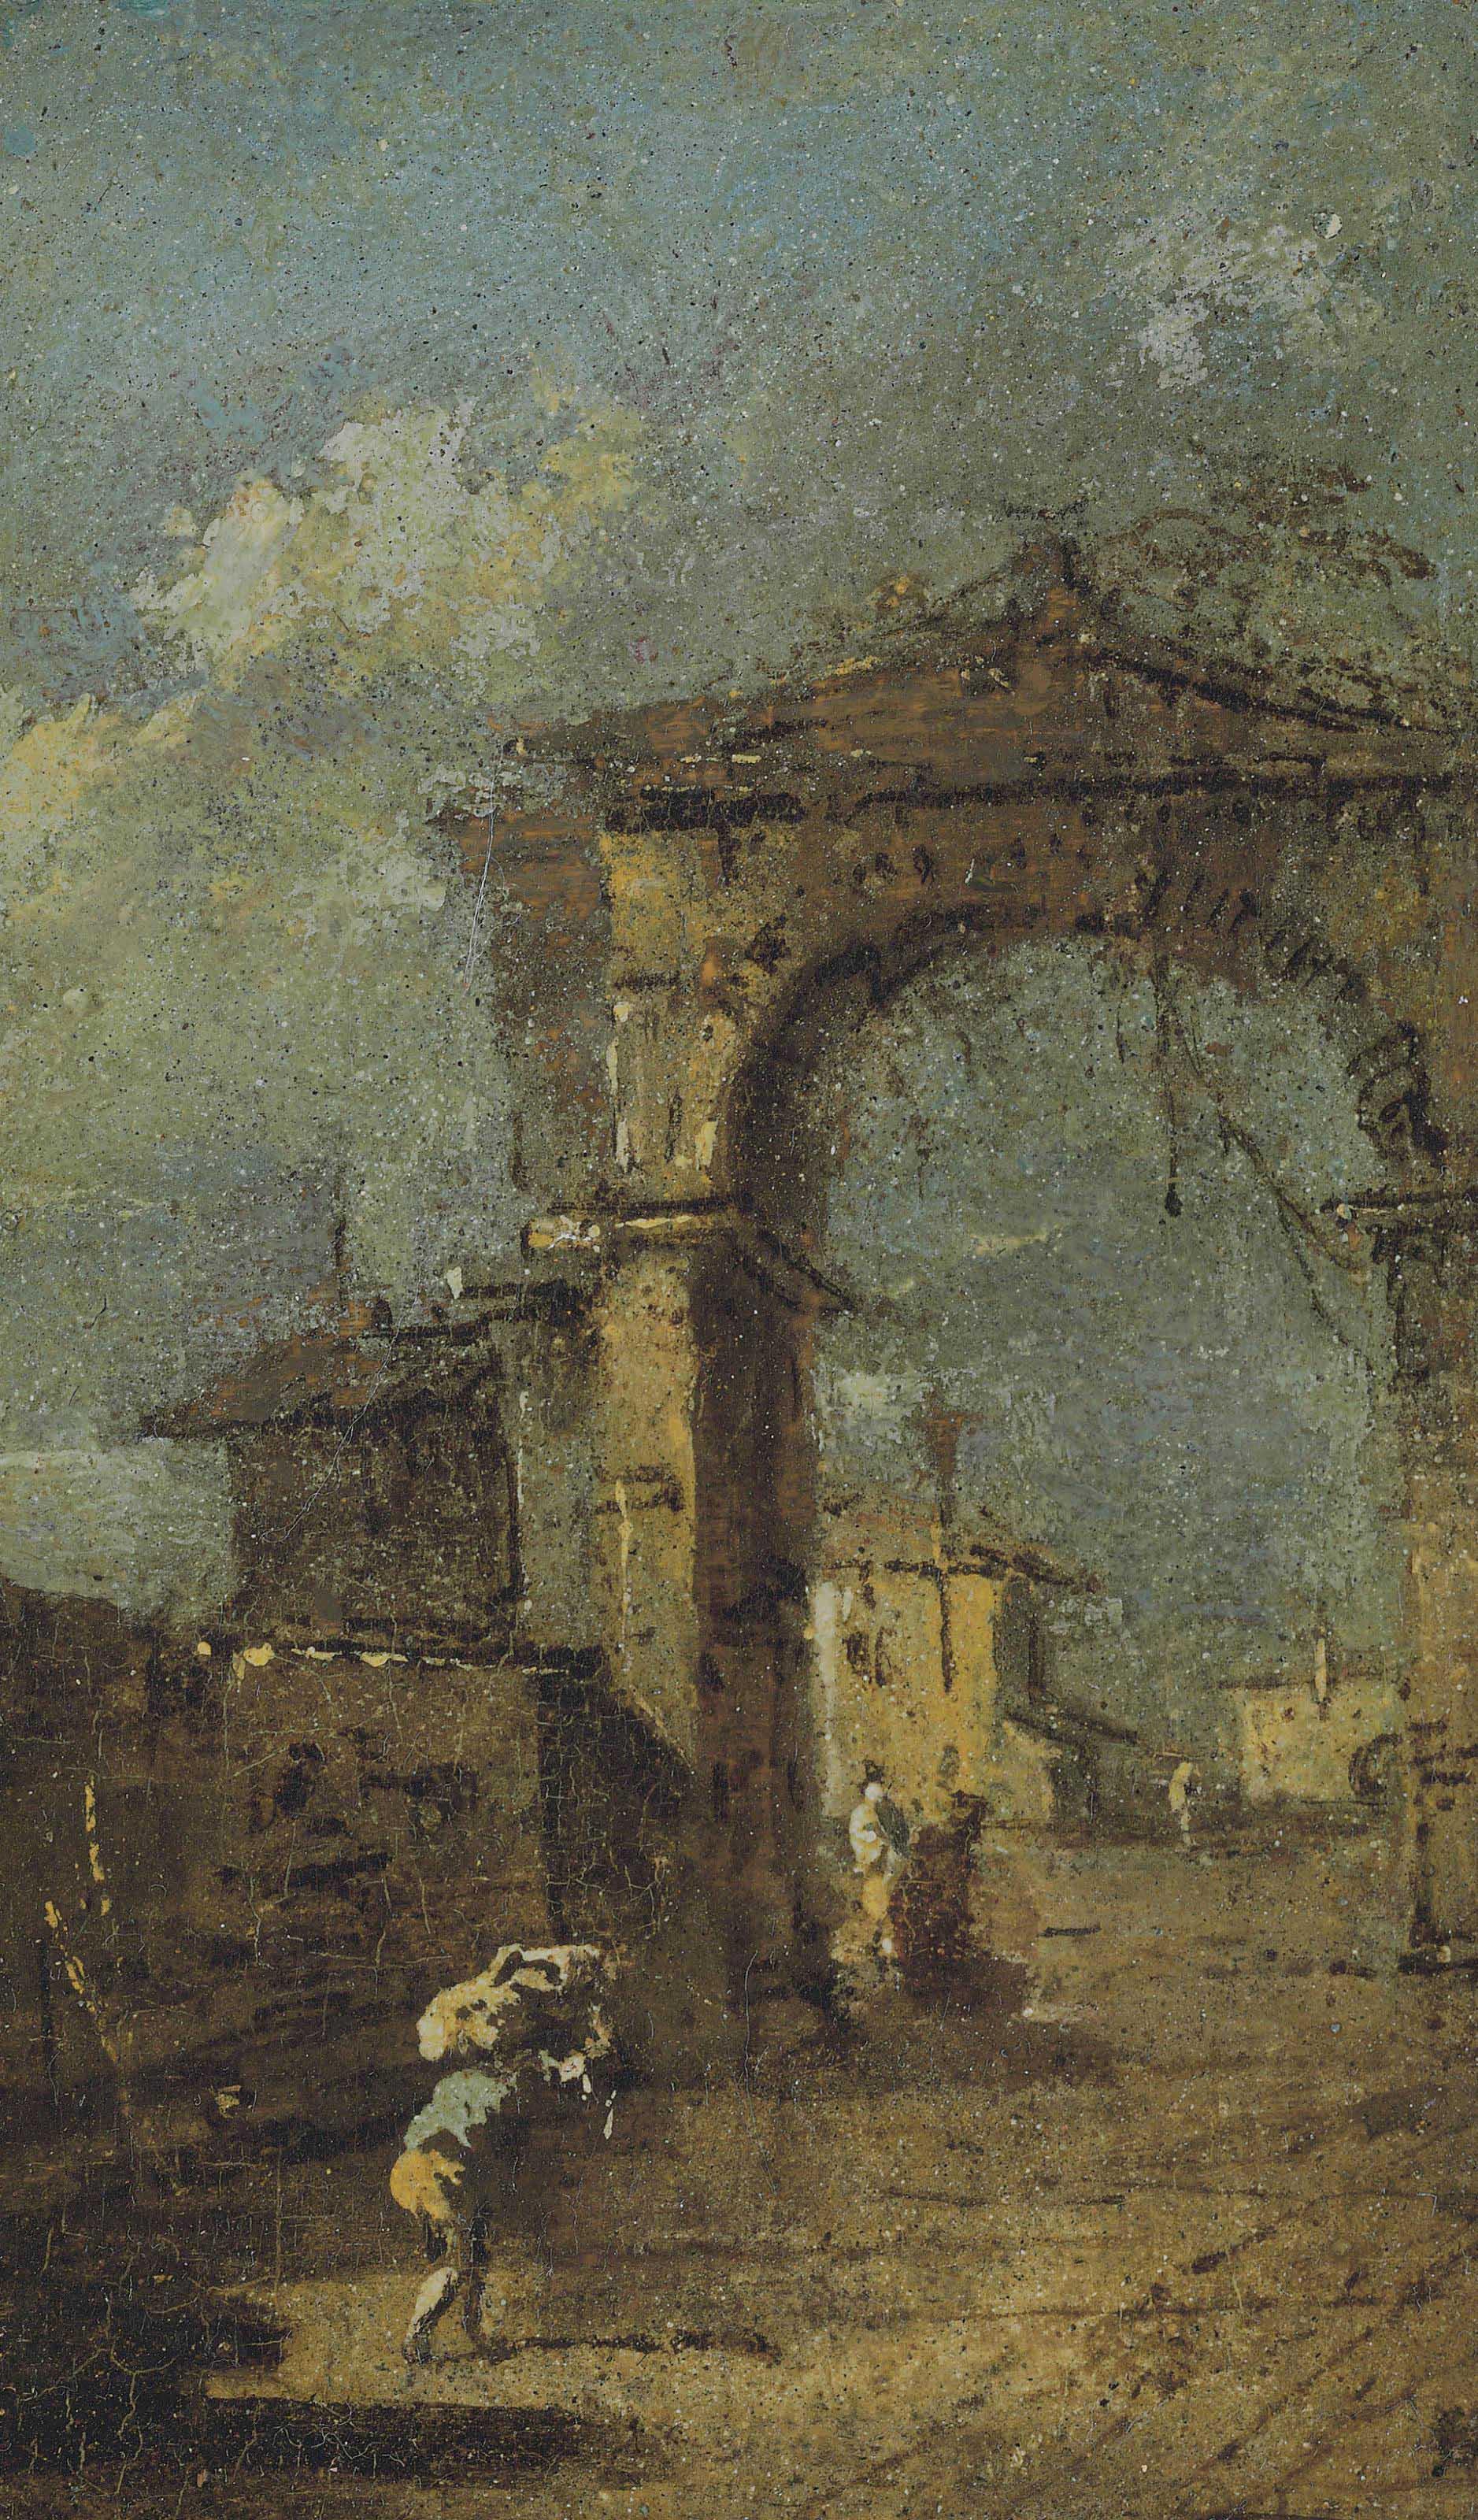 Francesco Guardi: Francesco Guardi (Venice 1712-1793) , Capriccio Of A